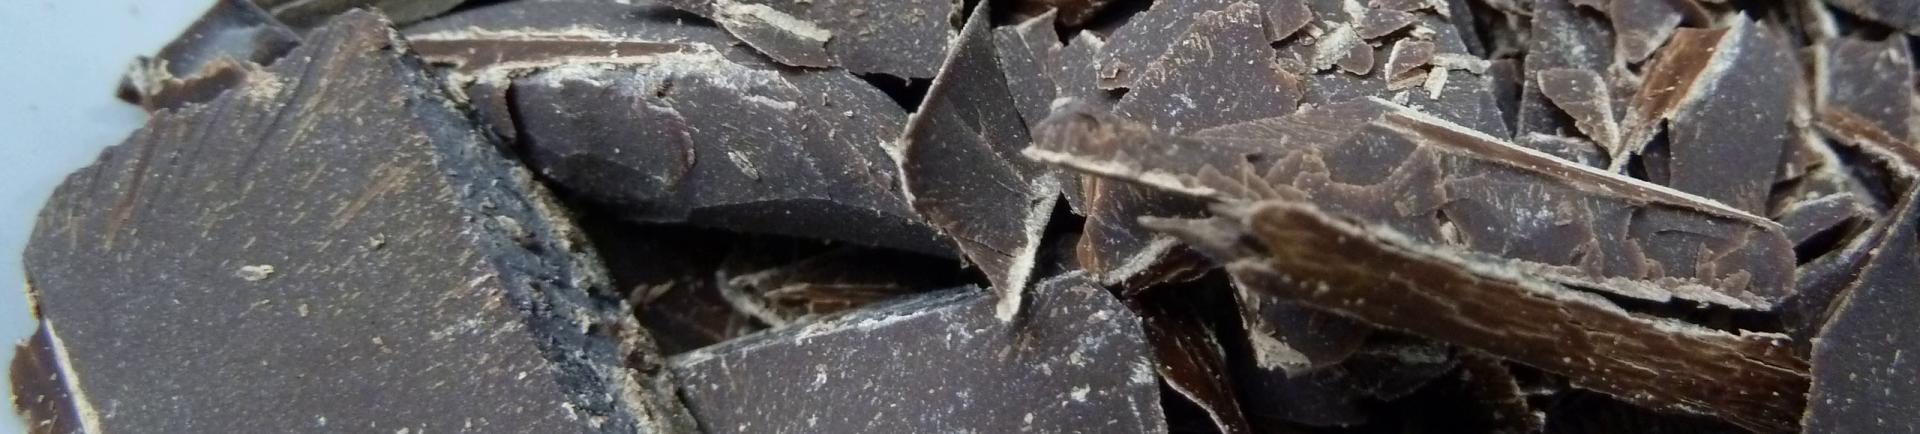 Chocolat noir 2